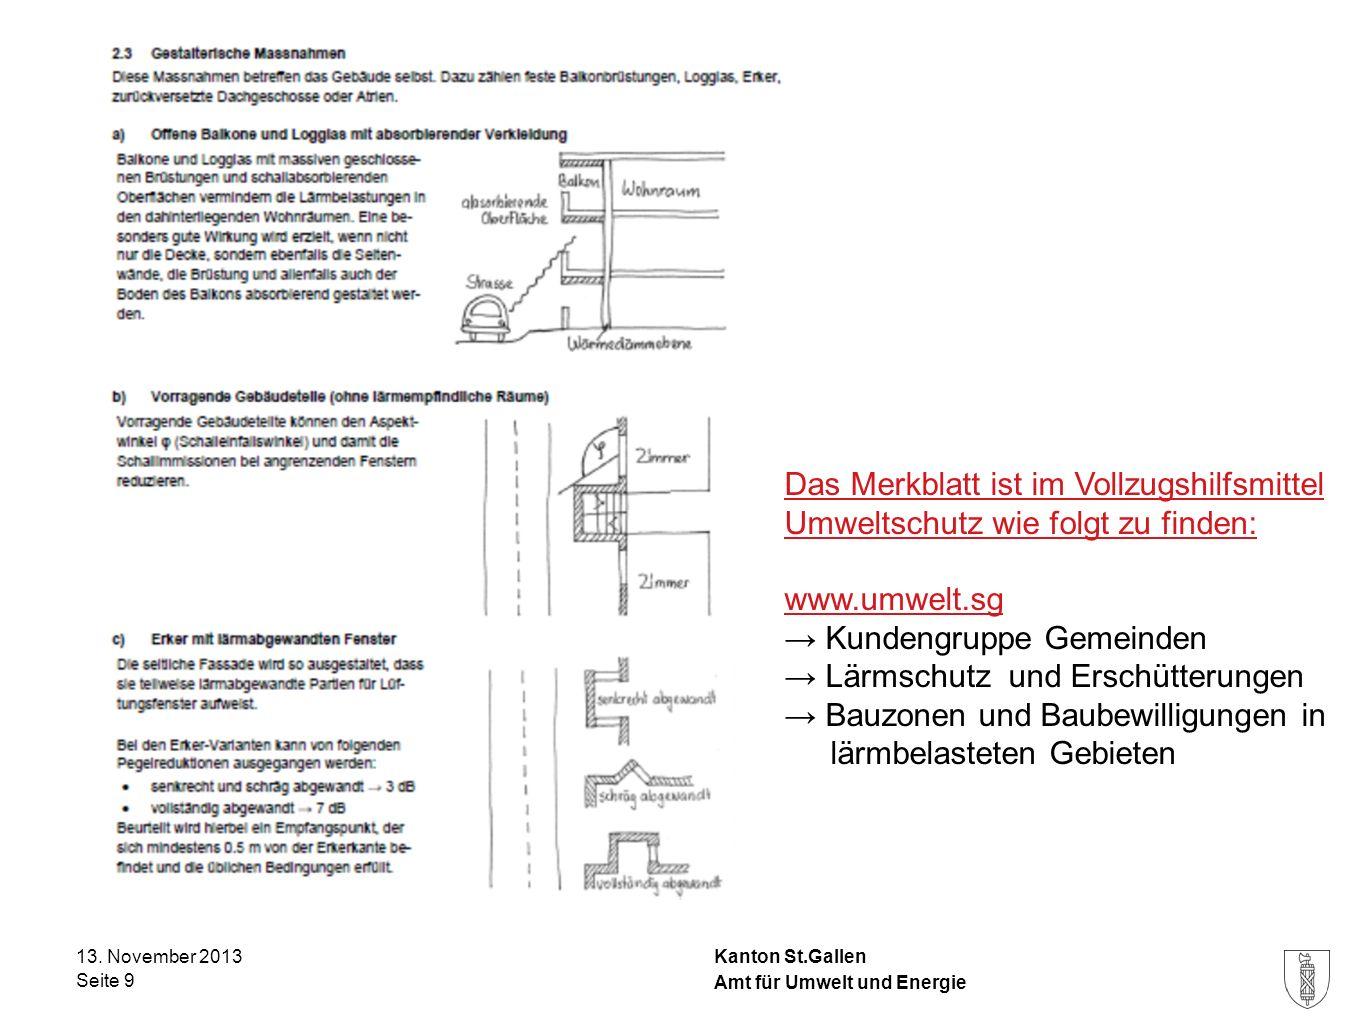 Kanton St.Gallen 13. November 2013 Seite 9 Amt für Umwelt und Energie Das Merkblatt ist im Vollzugshilfsmittel Umweltschutz wie folgt zu finden: www.u